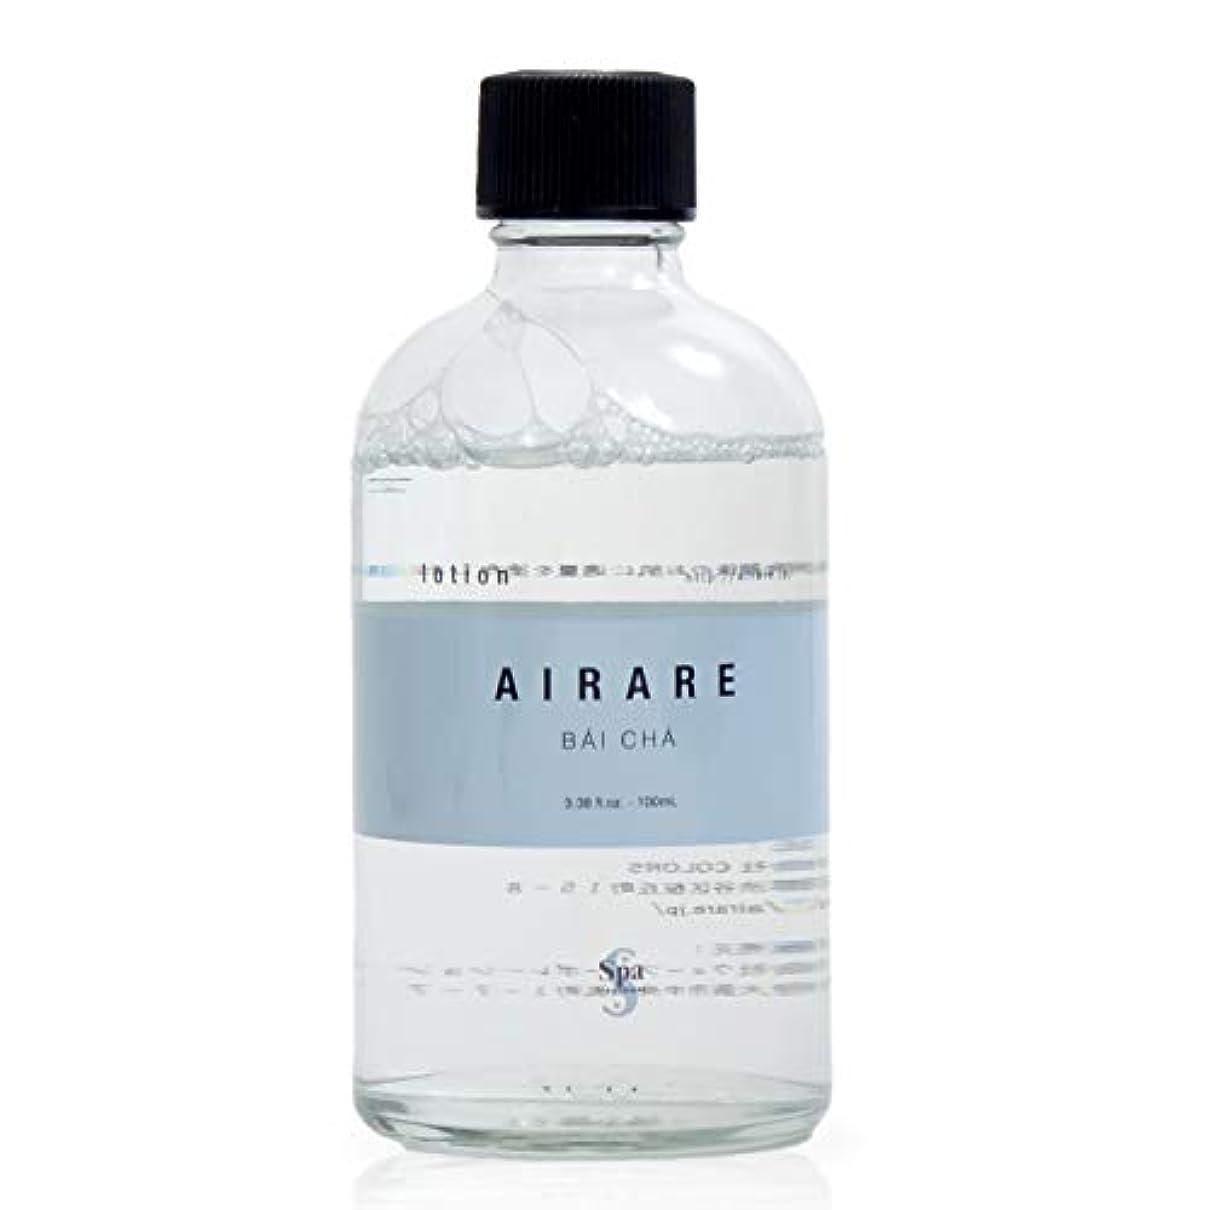 日光役立つセージアール ローション 化粧水 AIRARE BAICHA 白茶と豊富なアルプスのミネラルを配合